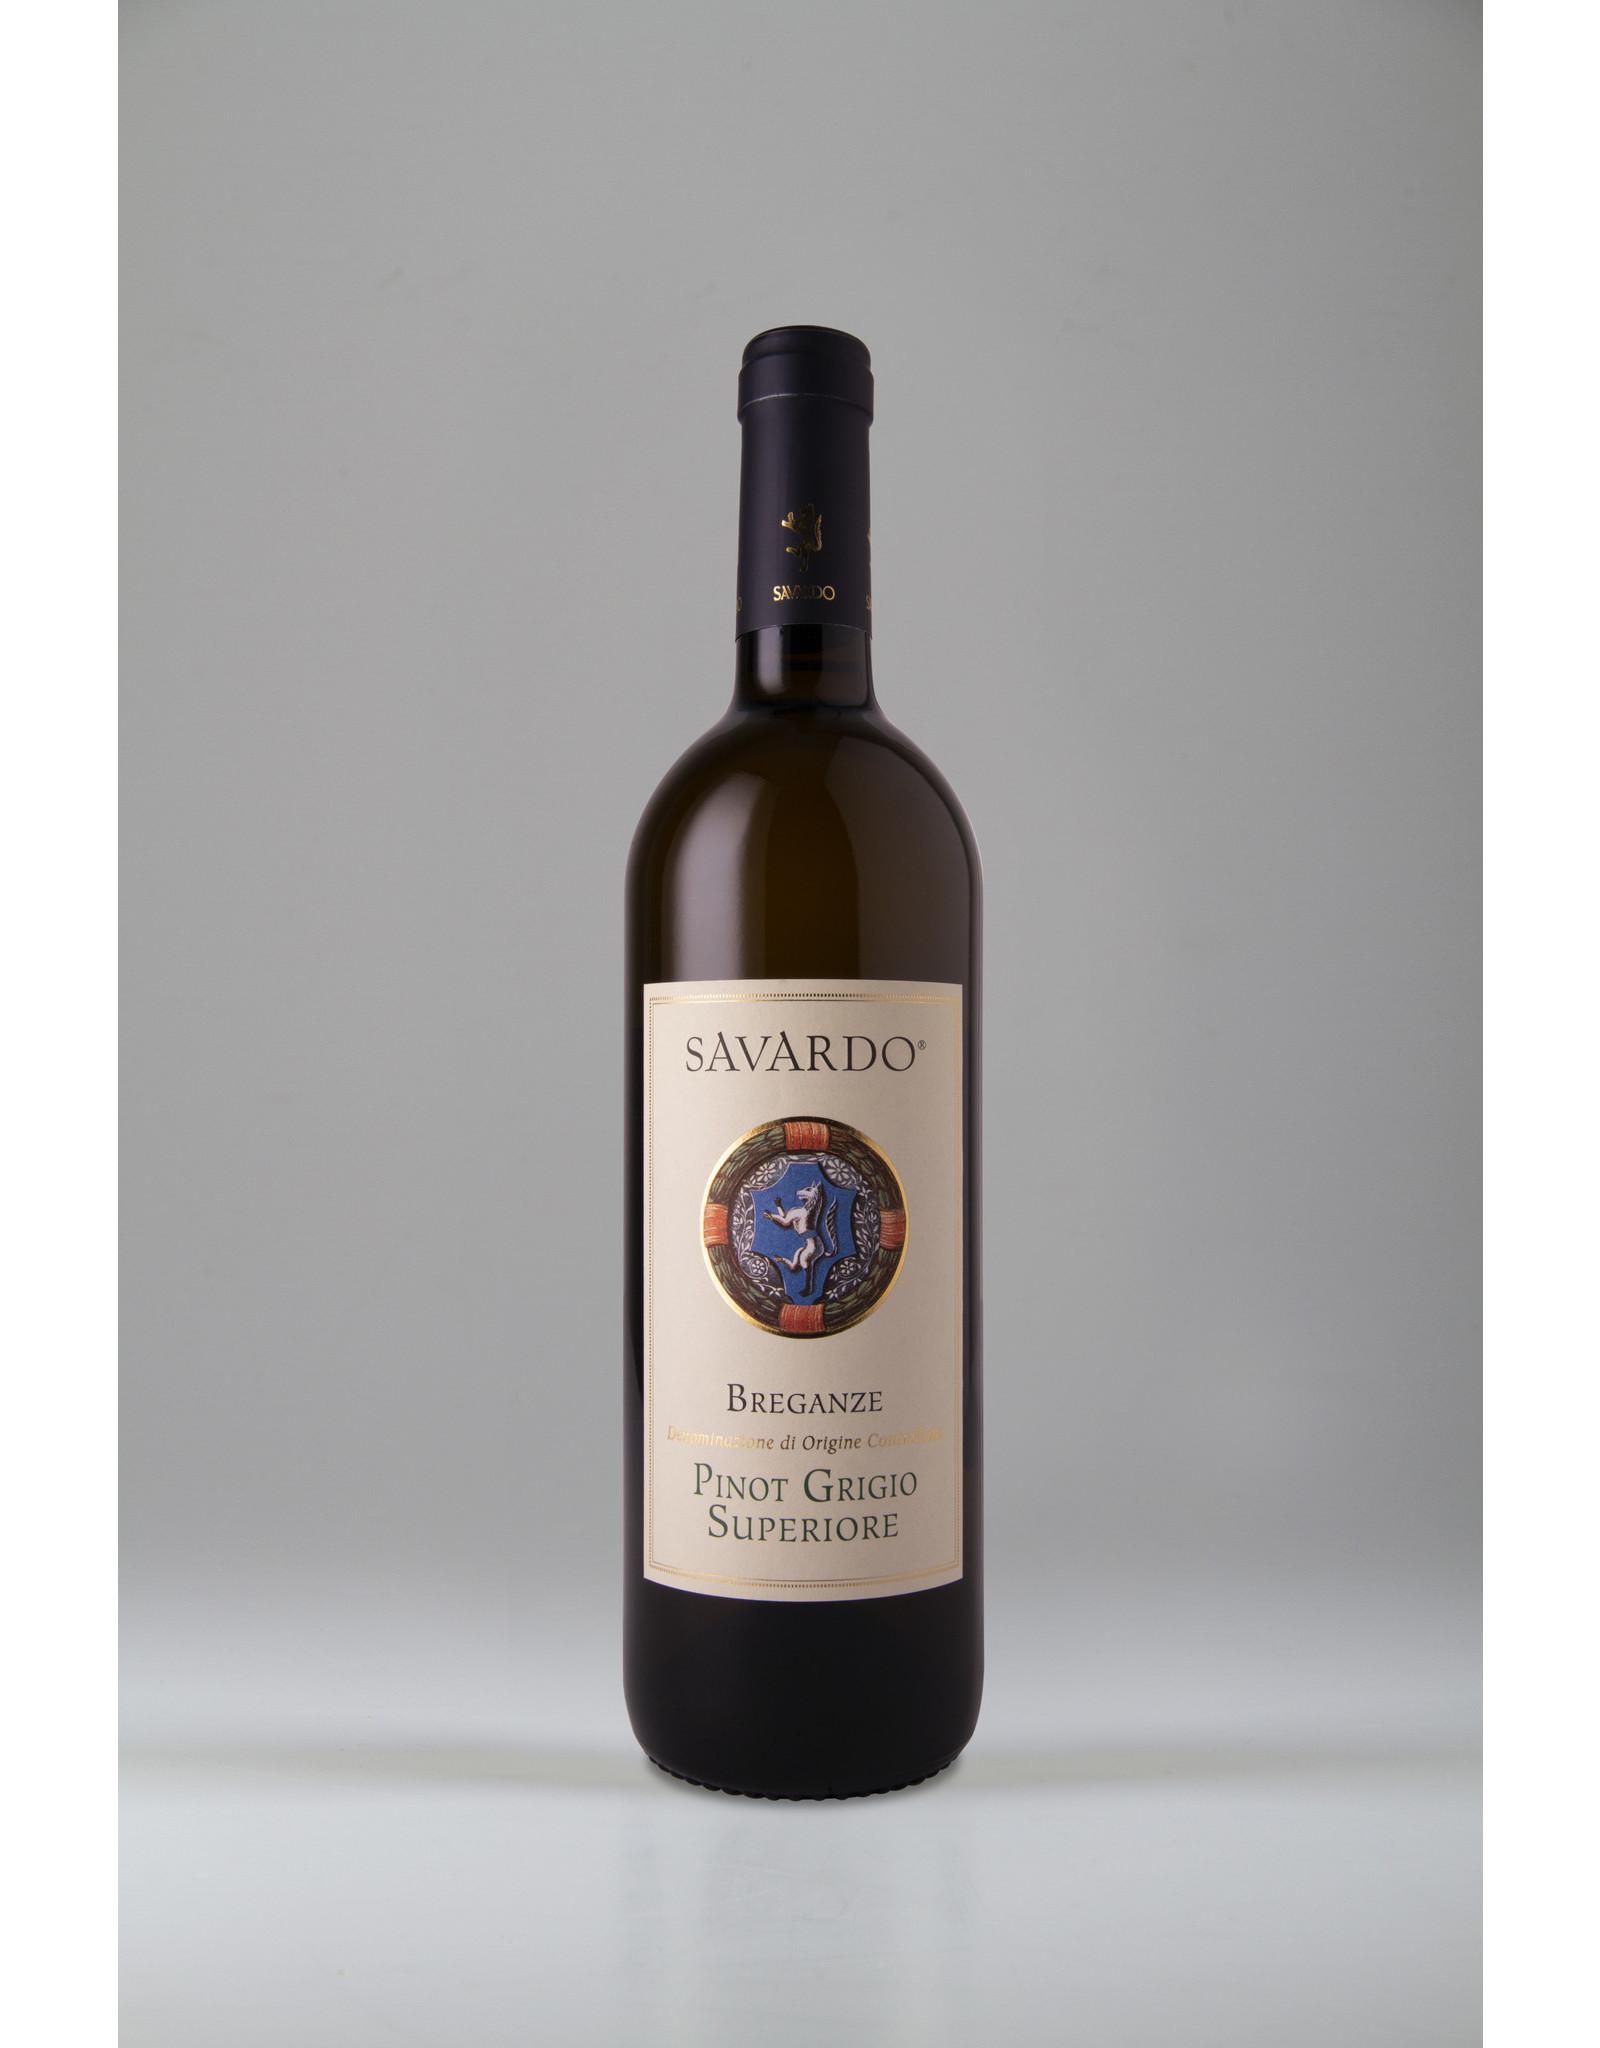 Beato Bartolomeo Savardo Pinot Grigio Superiore Breganze DOC